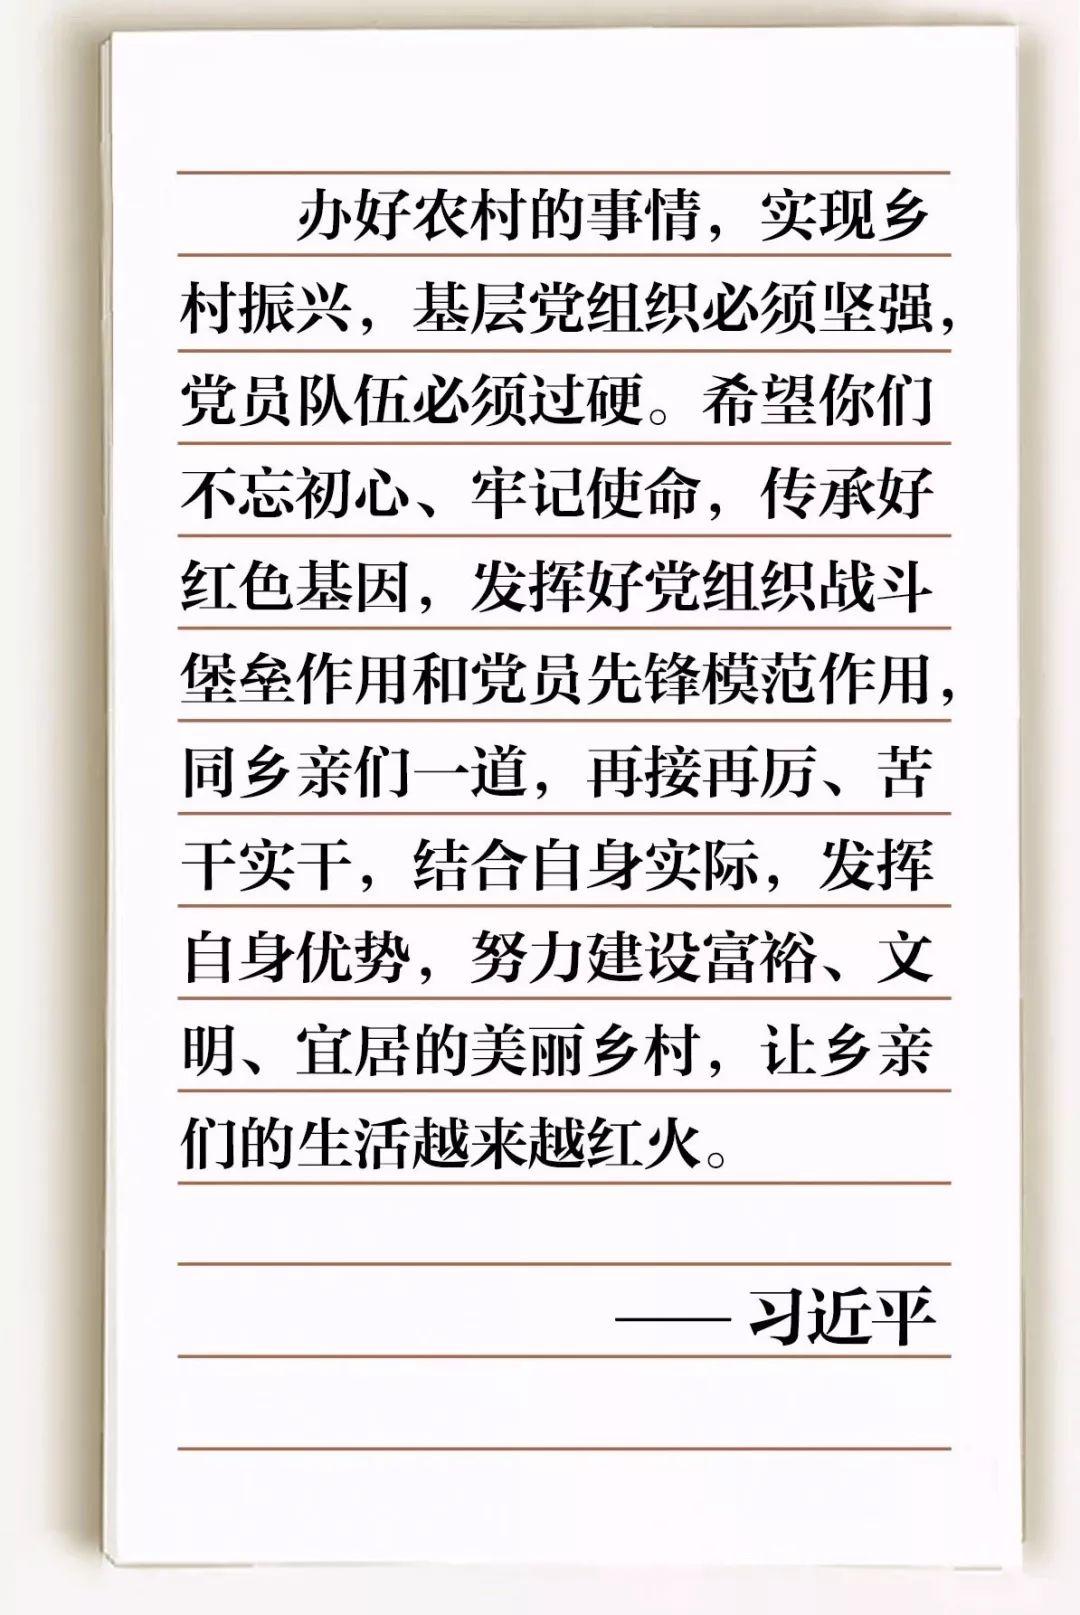 今天南宁晚报头版图片